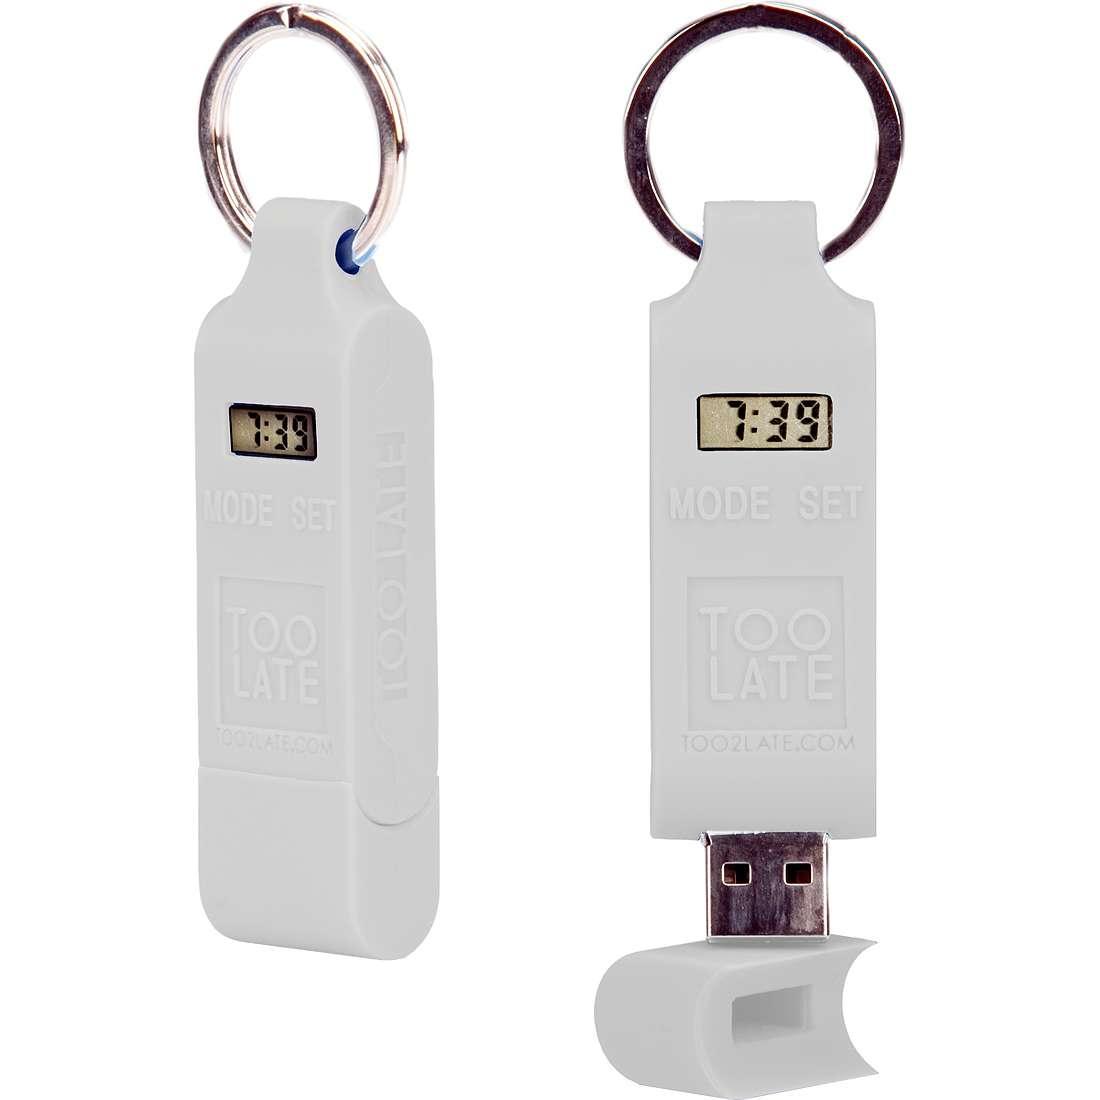 accessorio unisex gioielli Too late Chiavetta USB TOO0791